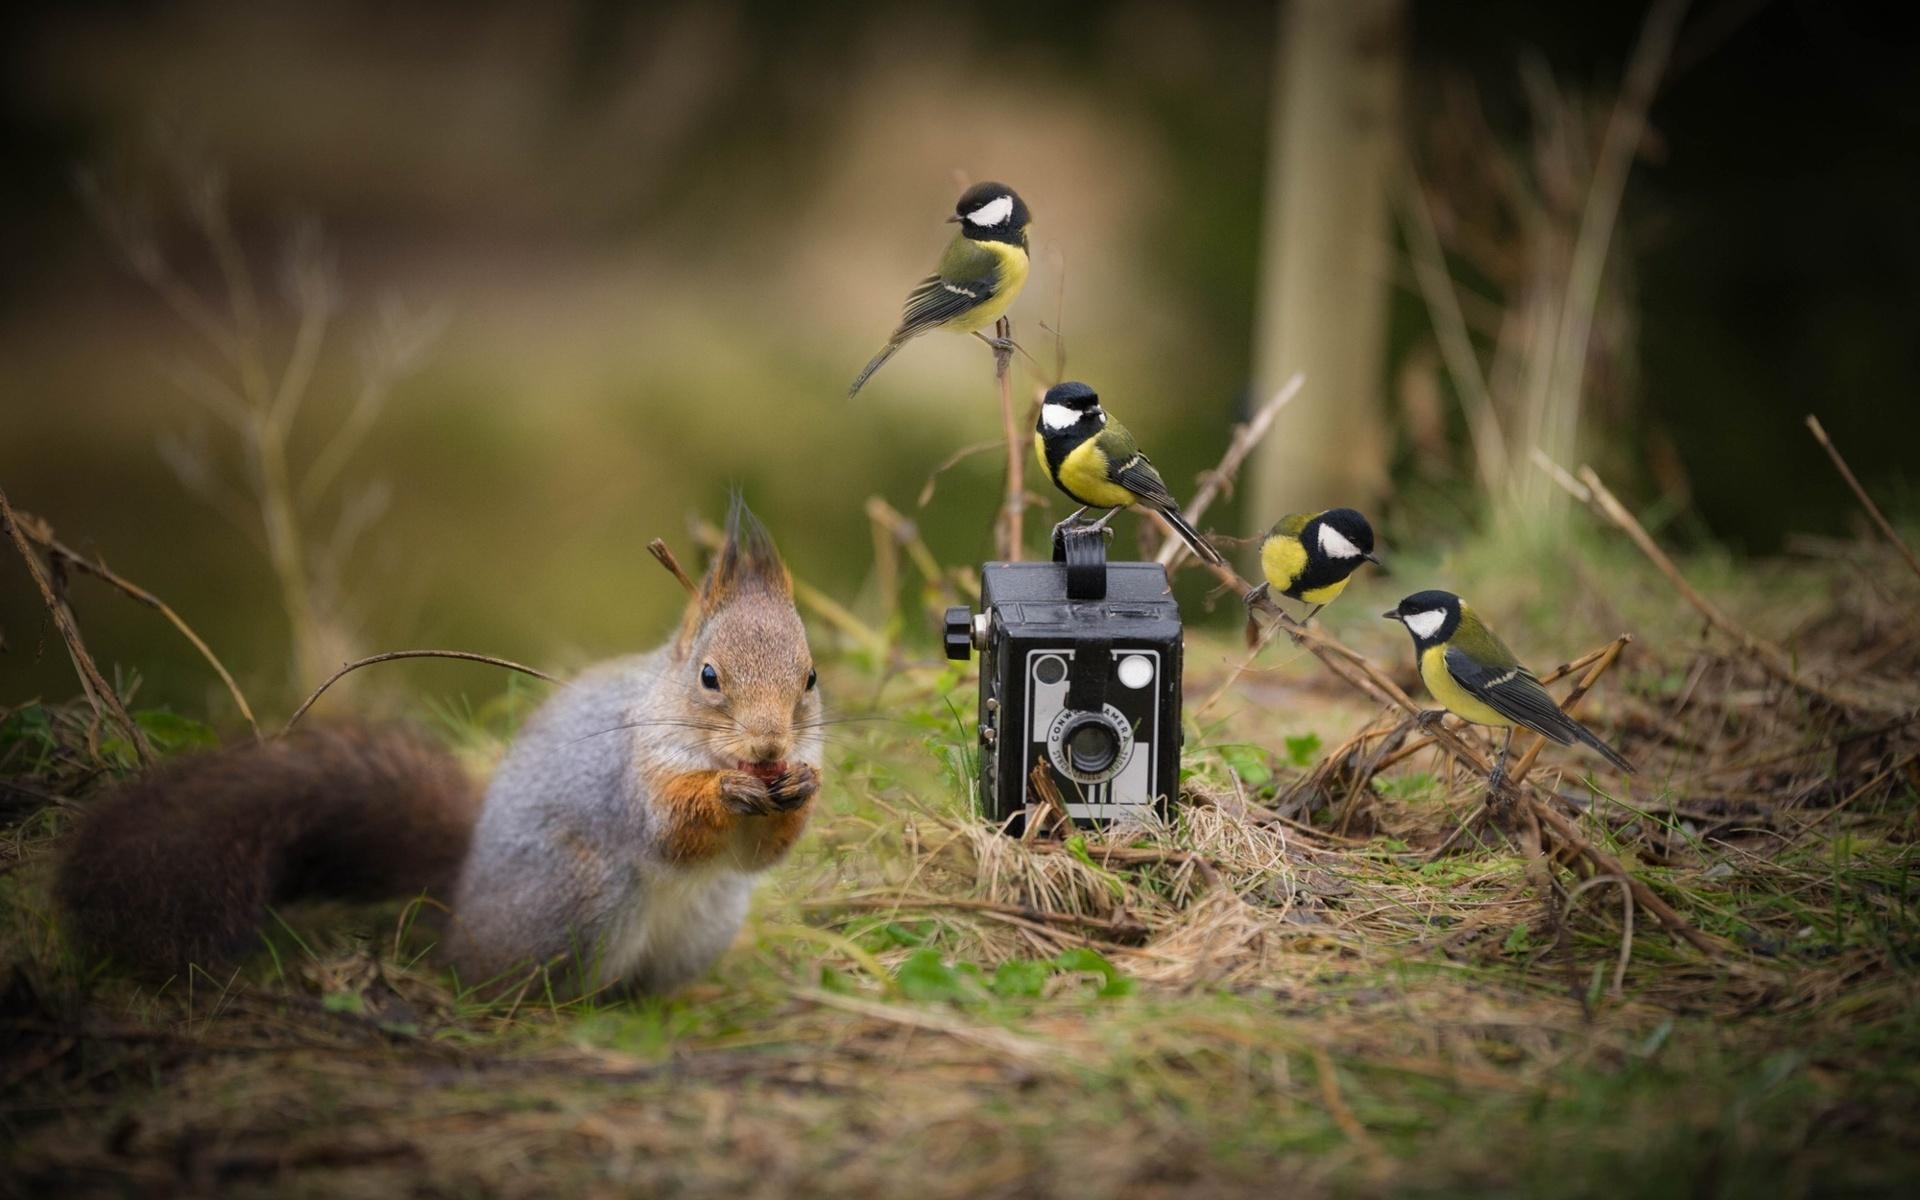 Животные в лесу и фотоаппарат